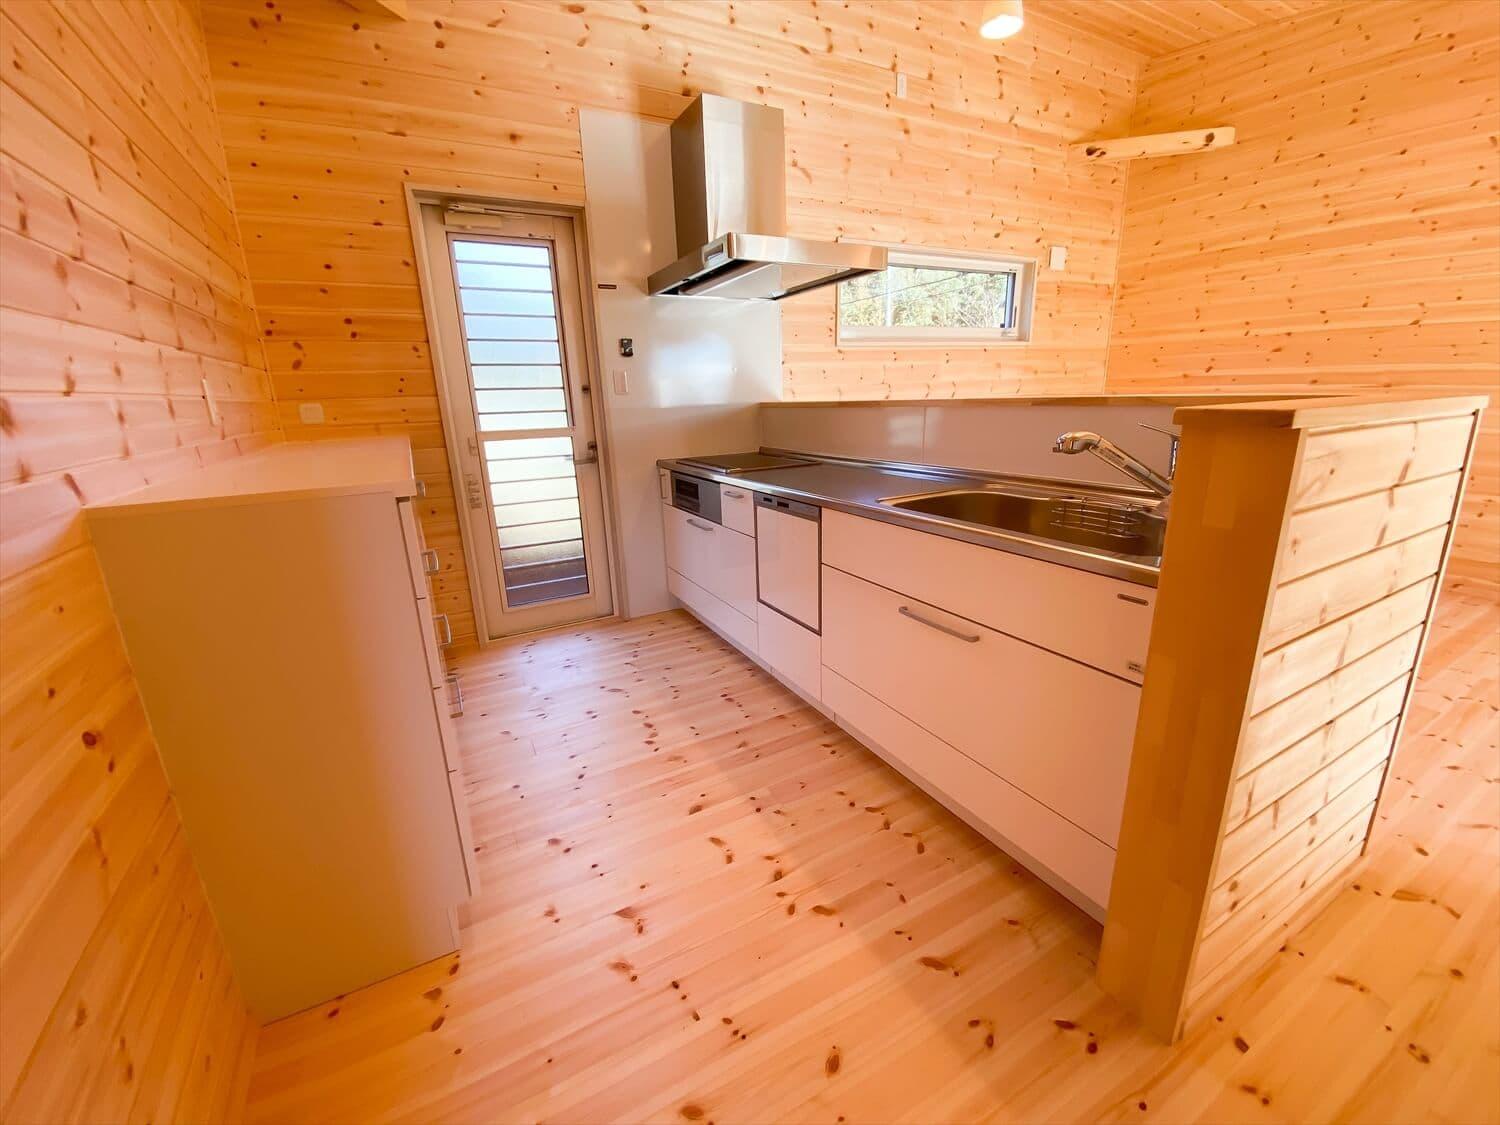 プライベートを尊重した平屋のキッチン収納 鉾田市の注文住宅,ログハウスのような木の家を低価格で建てるならエイ・ワン